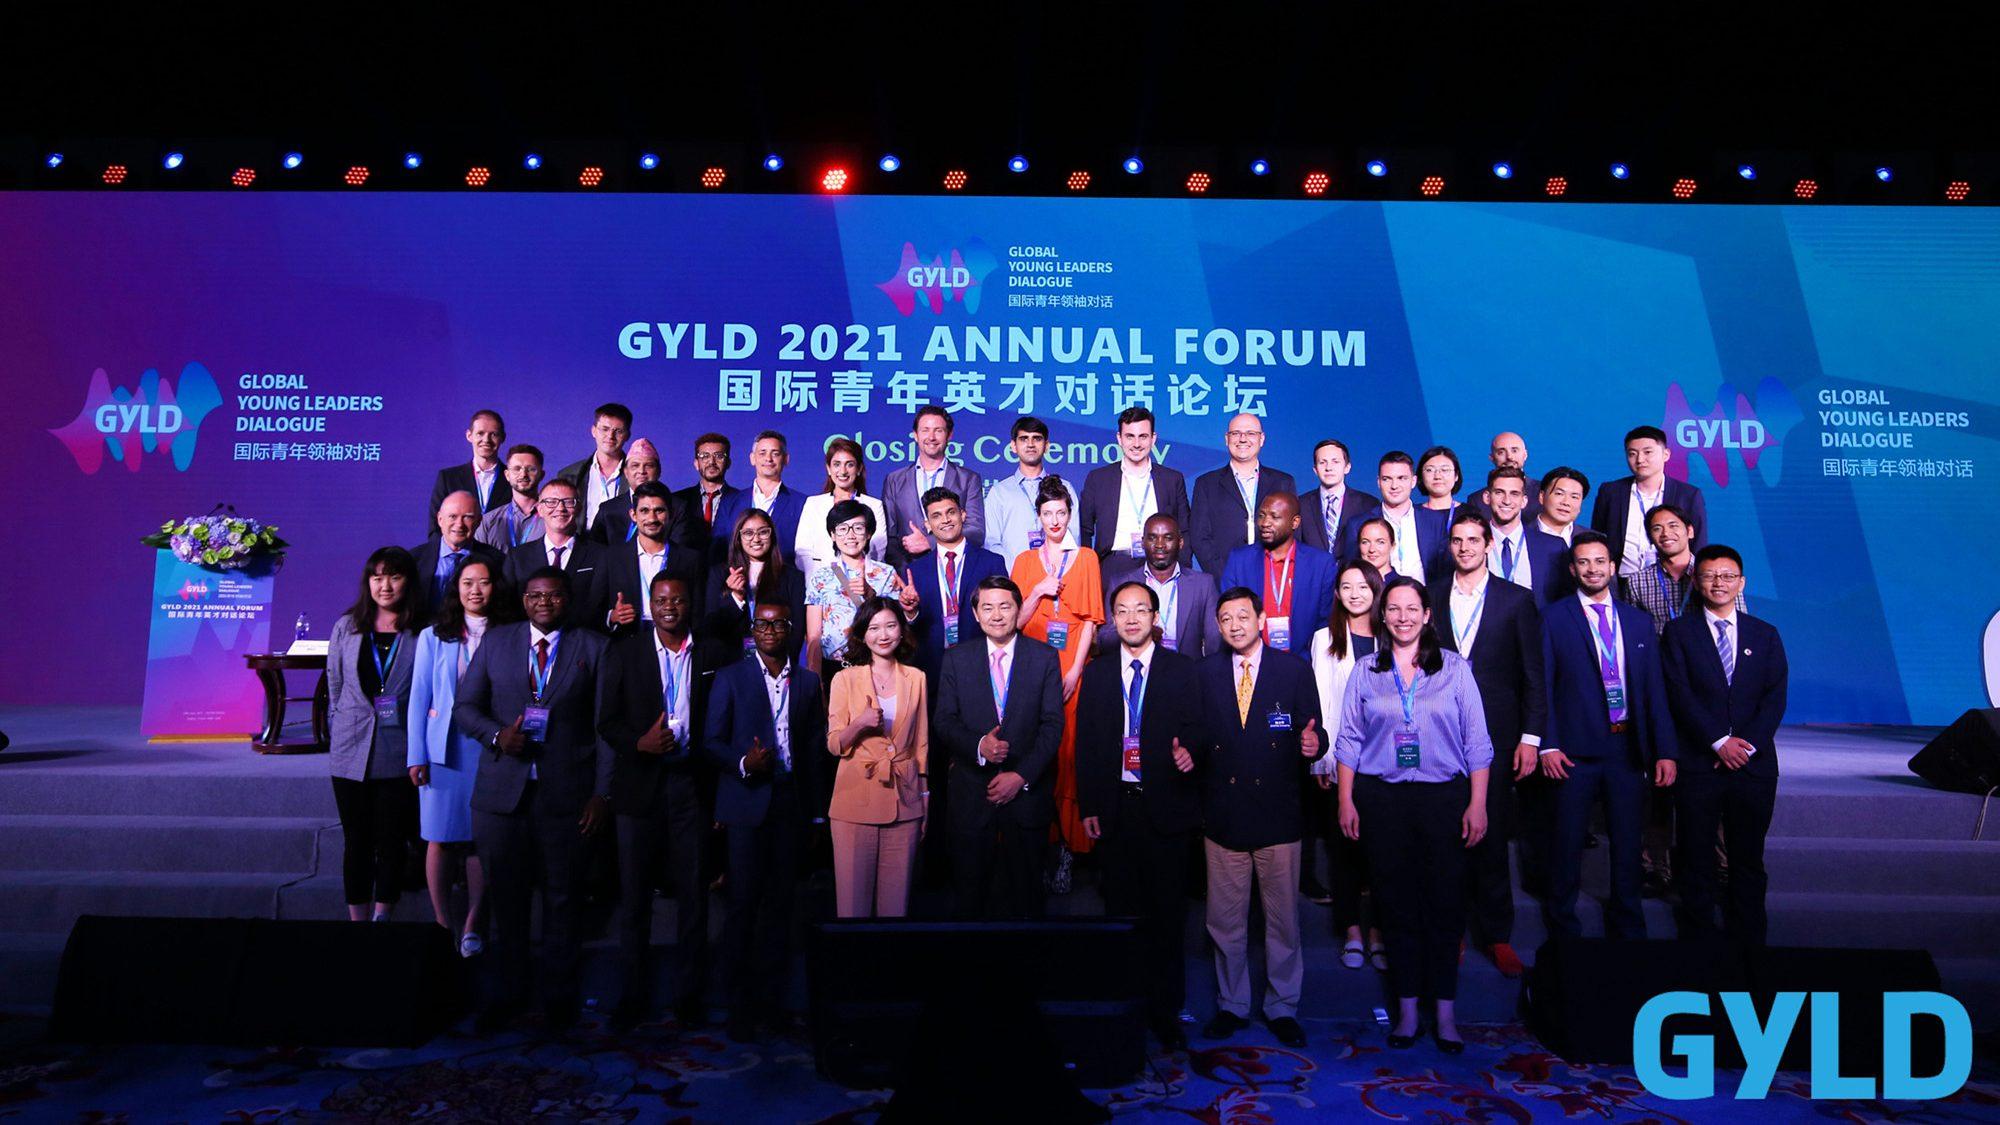 国际青年领袖对话项目年度论坛精彩集锦